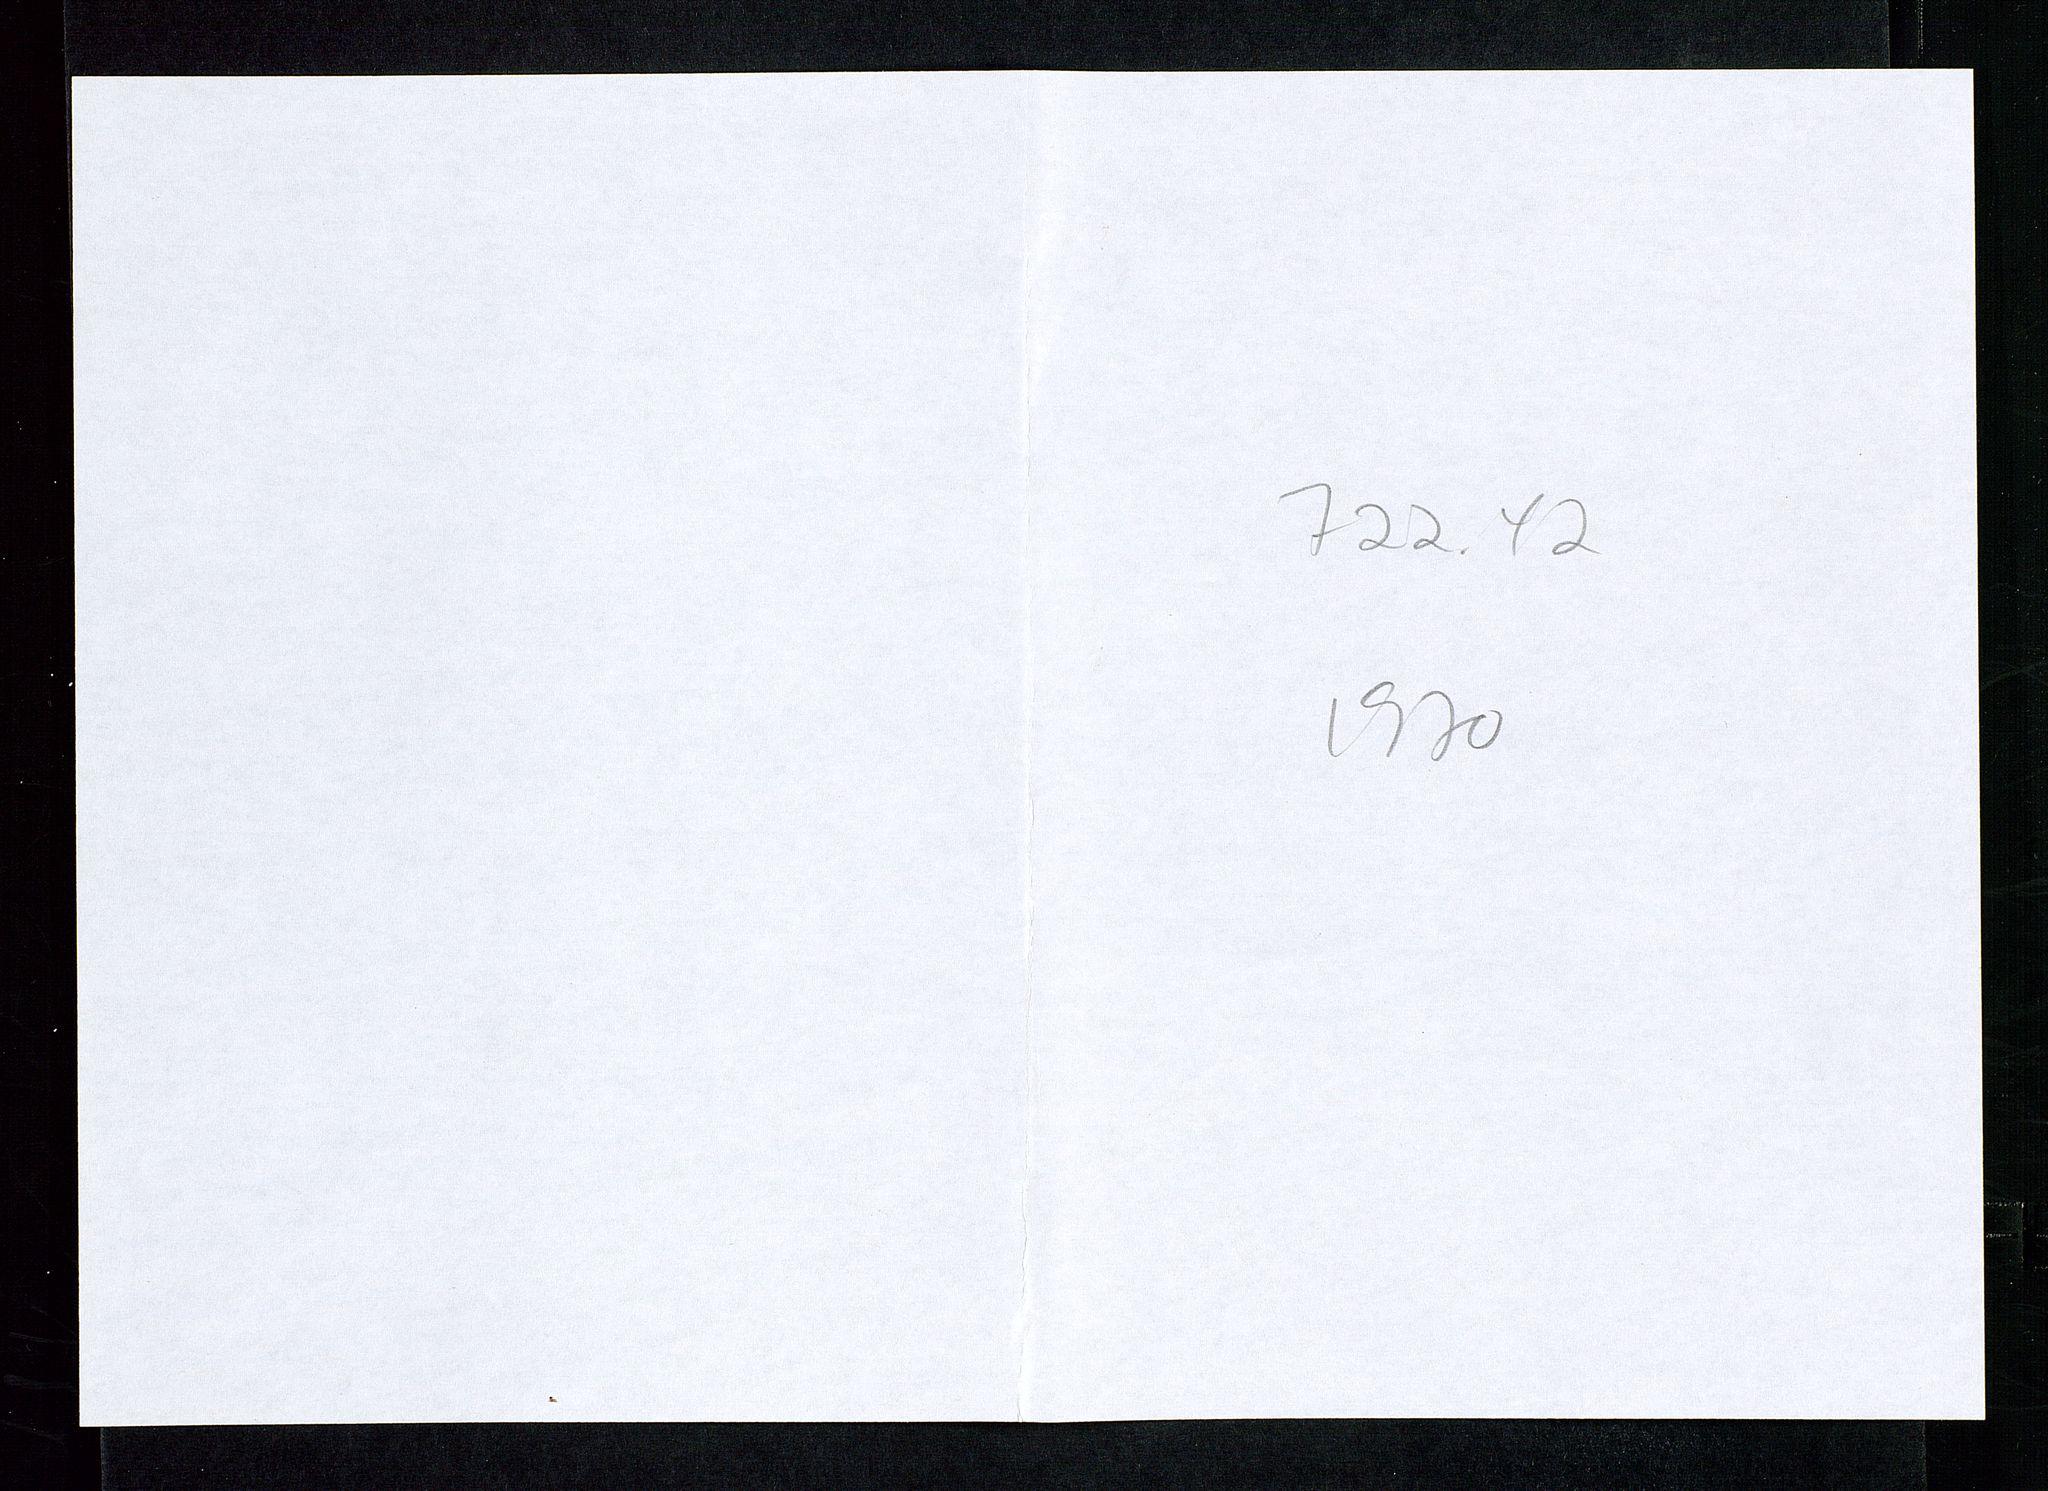 SAST, Industridepartementet, Oljekontoret, Da/L0008:  Arkivnøkkel 721- 722 Geofysikk, forskning, 1970-1972, s. 508